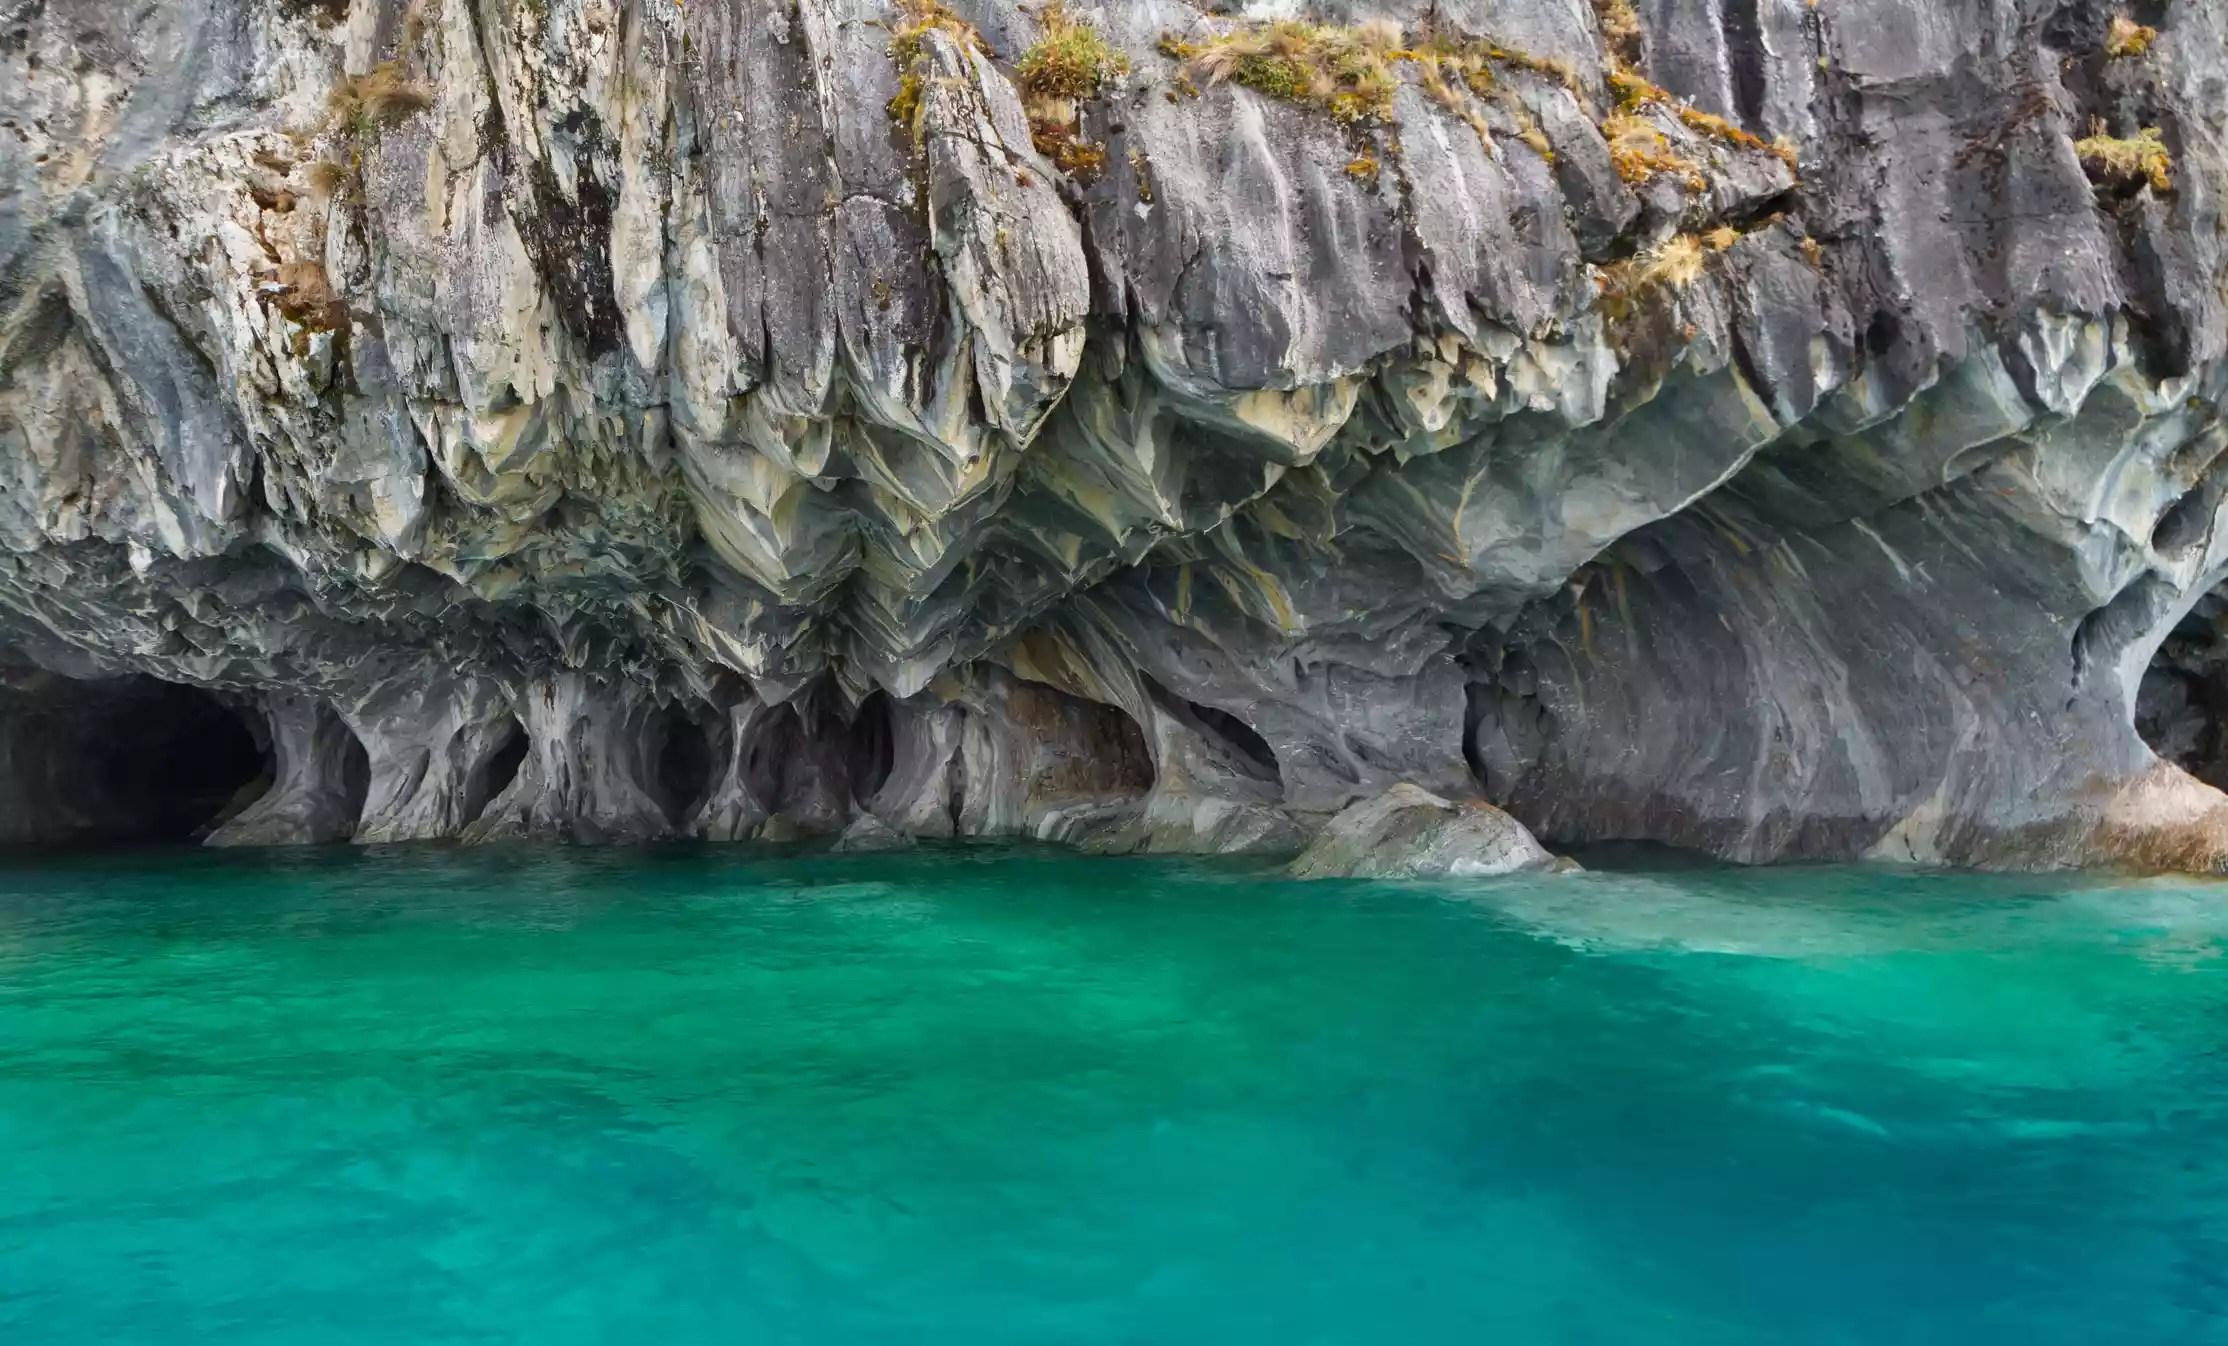 Mermer mağaralar üzerinde General Carrera Gölü, Puerto Tranquilo, Şili.